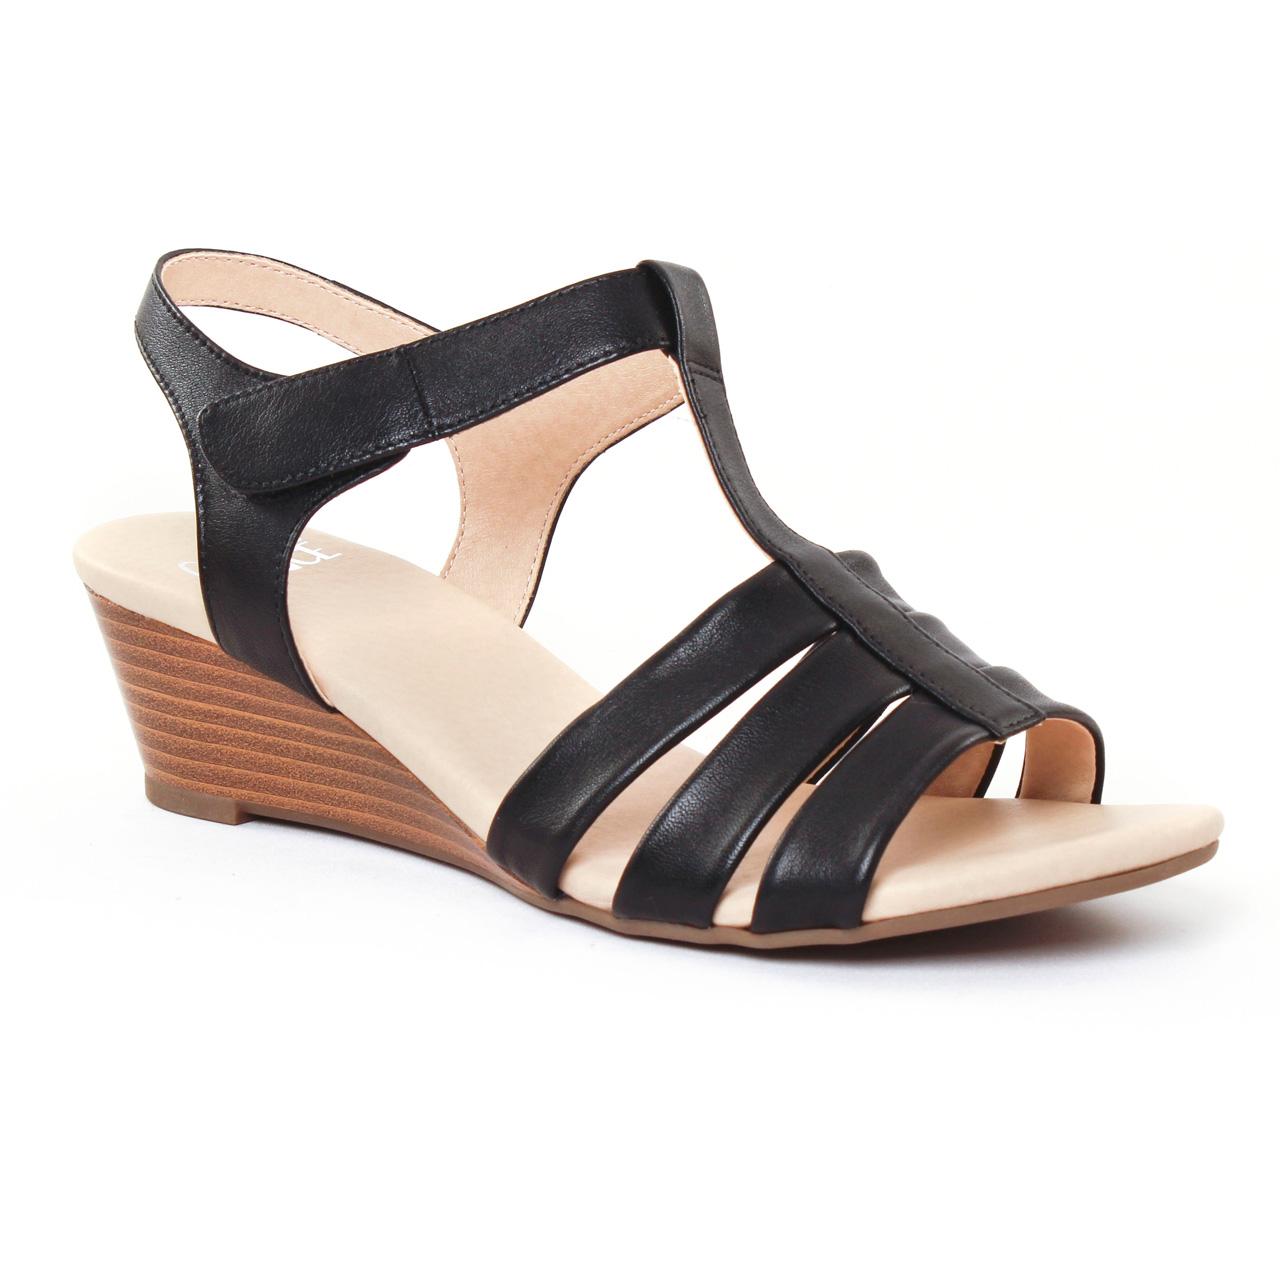 Chaussures femme été 2017 nu pieds compensés Caprice noir